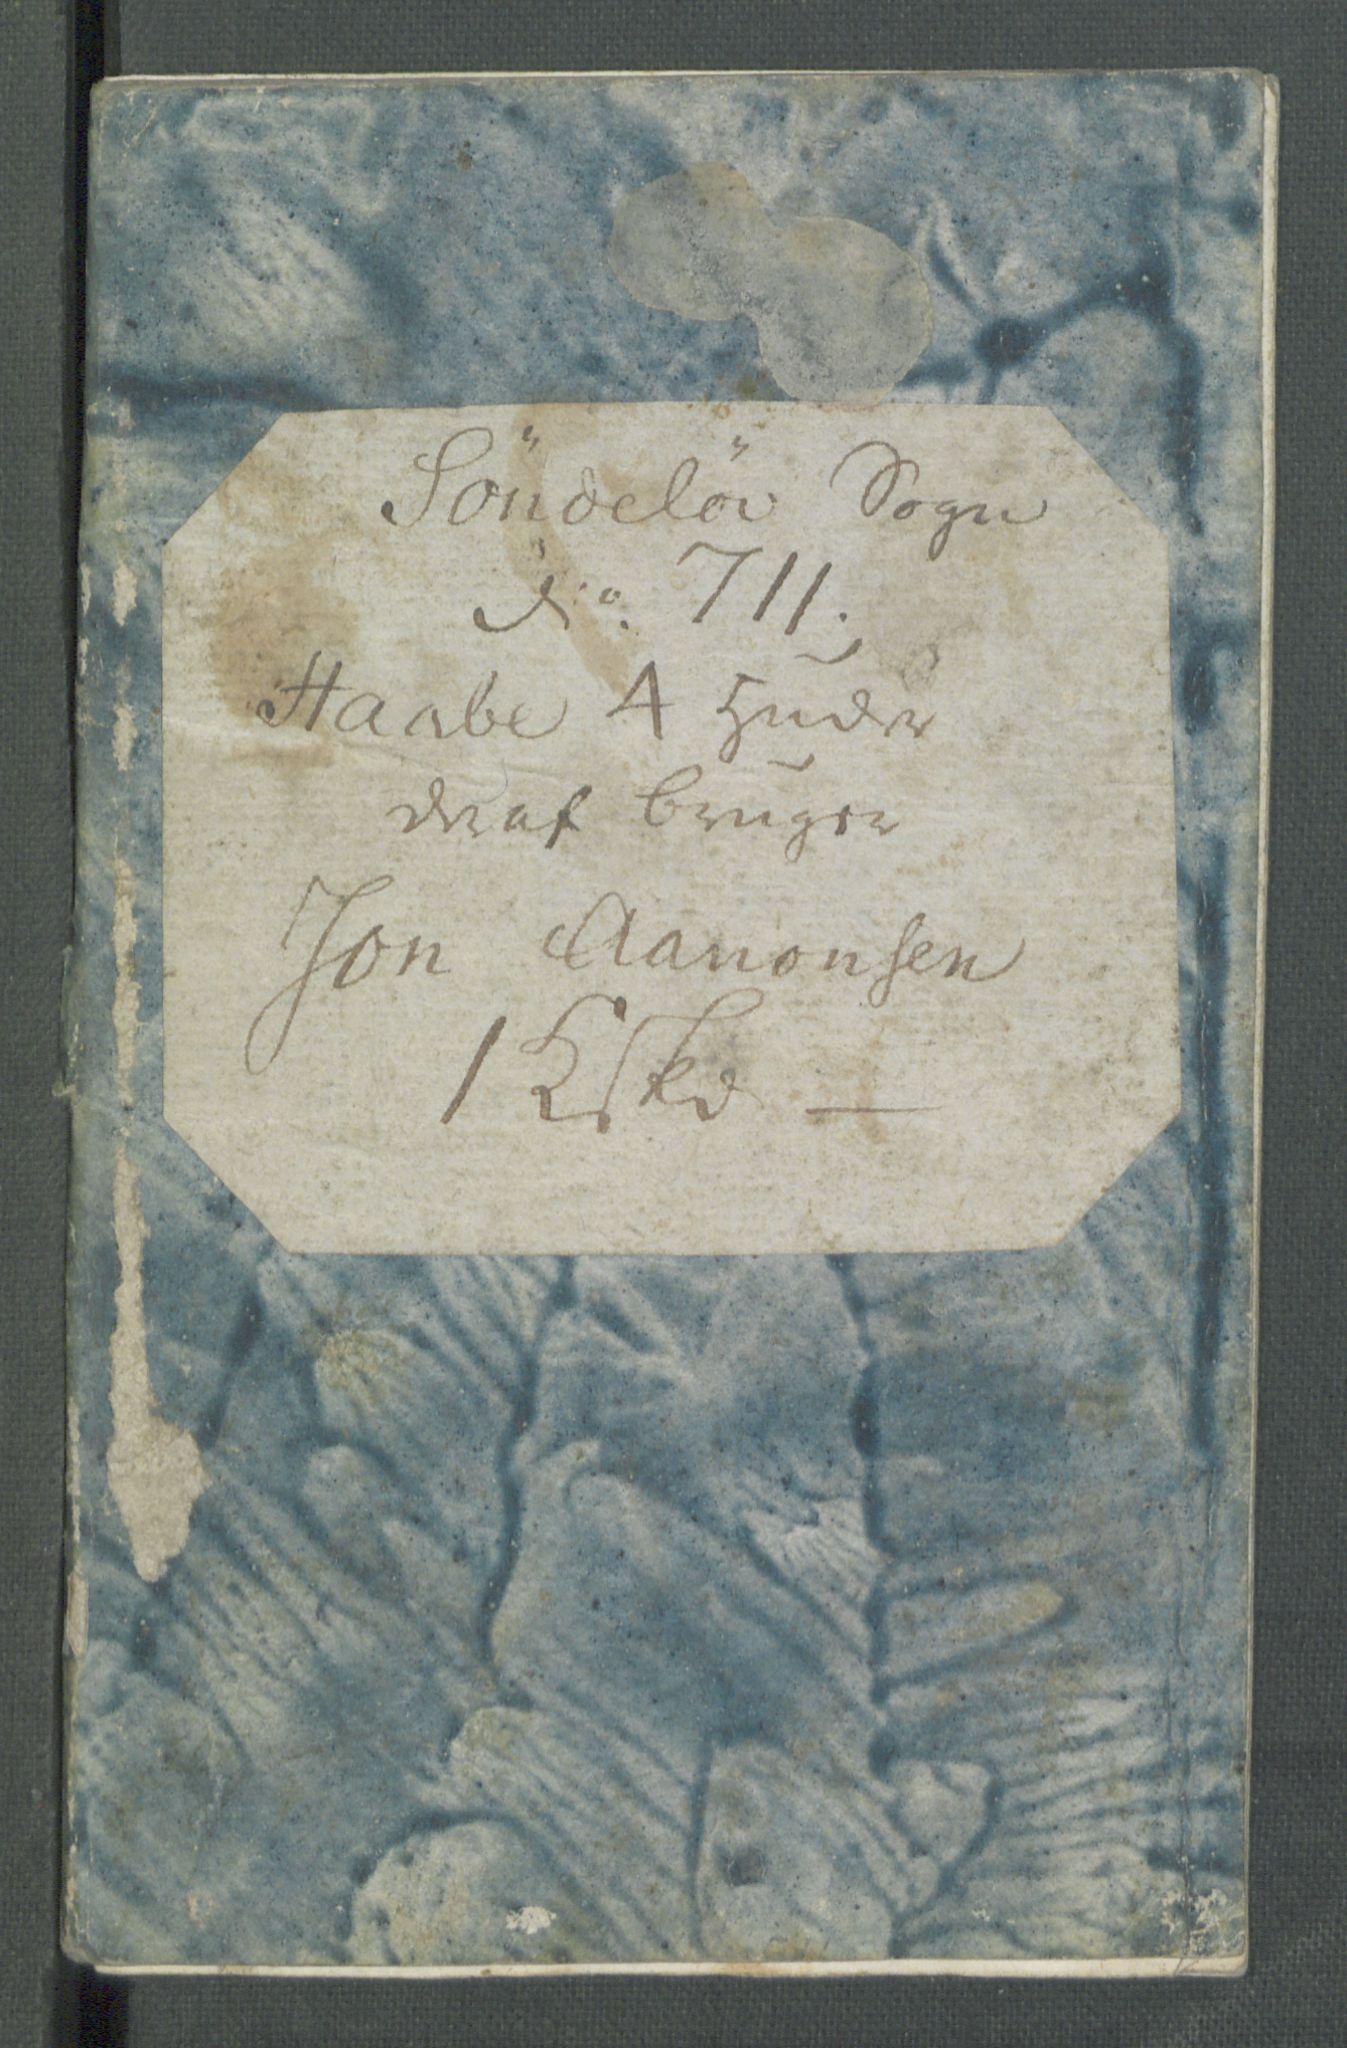 RA, Rentekammeret inntil 1814, Realistisk ordnet avdeling, Od/L0001: Oppløp, 1786-1769, s. 729